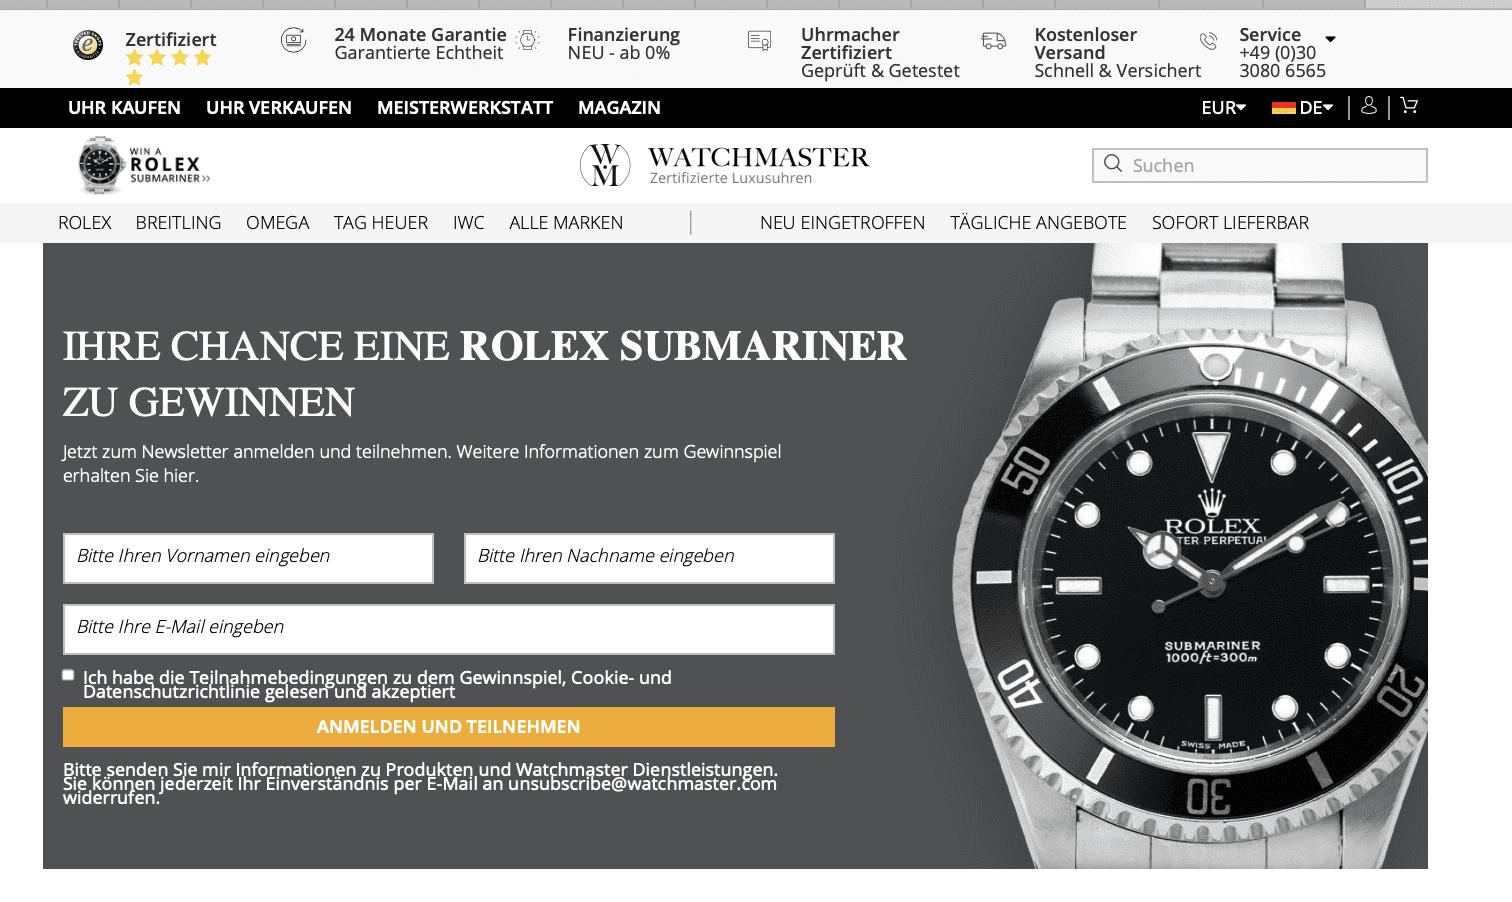 Rolex Submariner Gewinnspiel